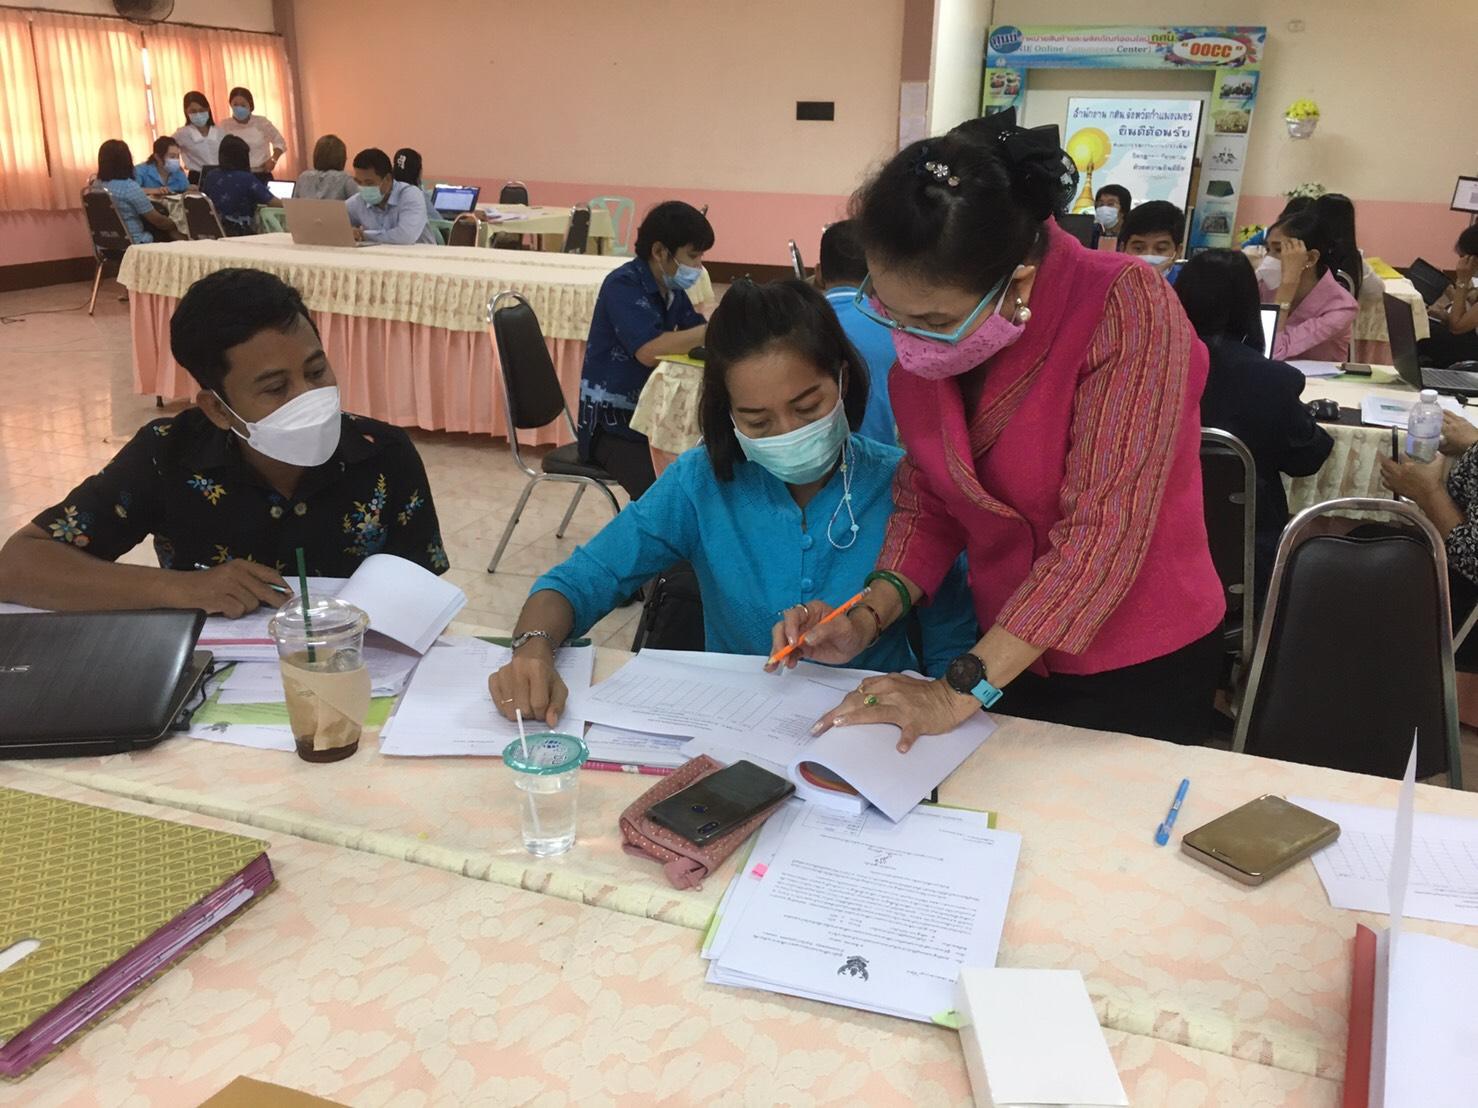 โครงการการประชุมปฏิบัติการจัดทำสรุปผลการนิเทศ ติดตาม ประเมินและรายงานผลการจัดกิจกรรม กศน.ของสถานศึกษา